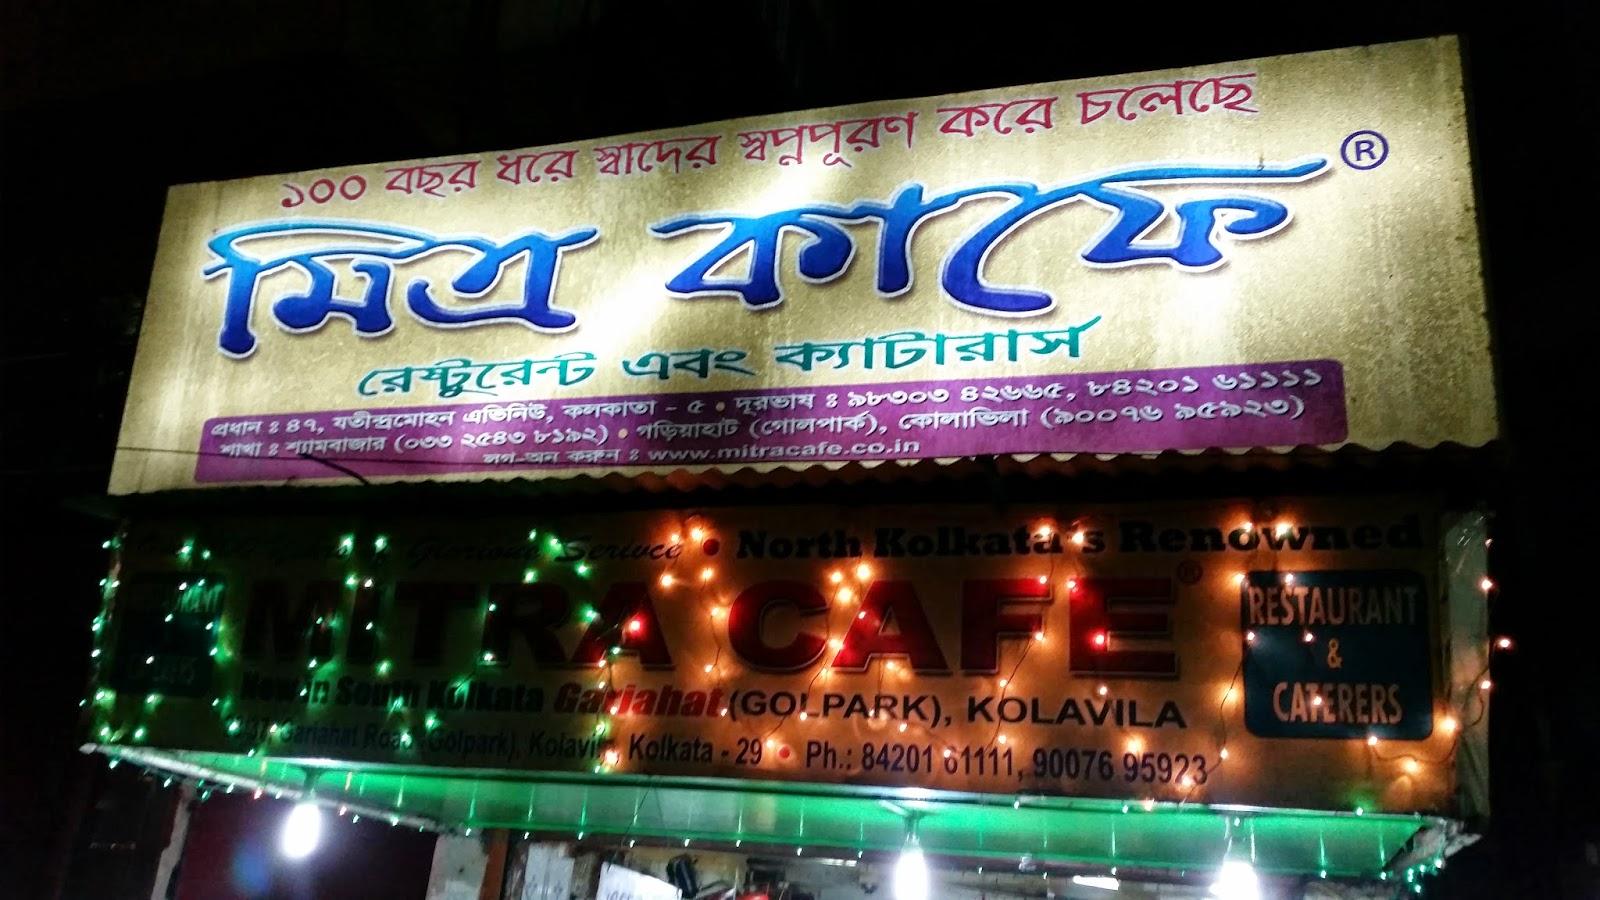 Mitra Cafe Kolkata